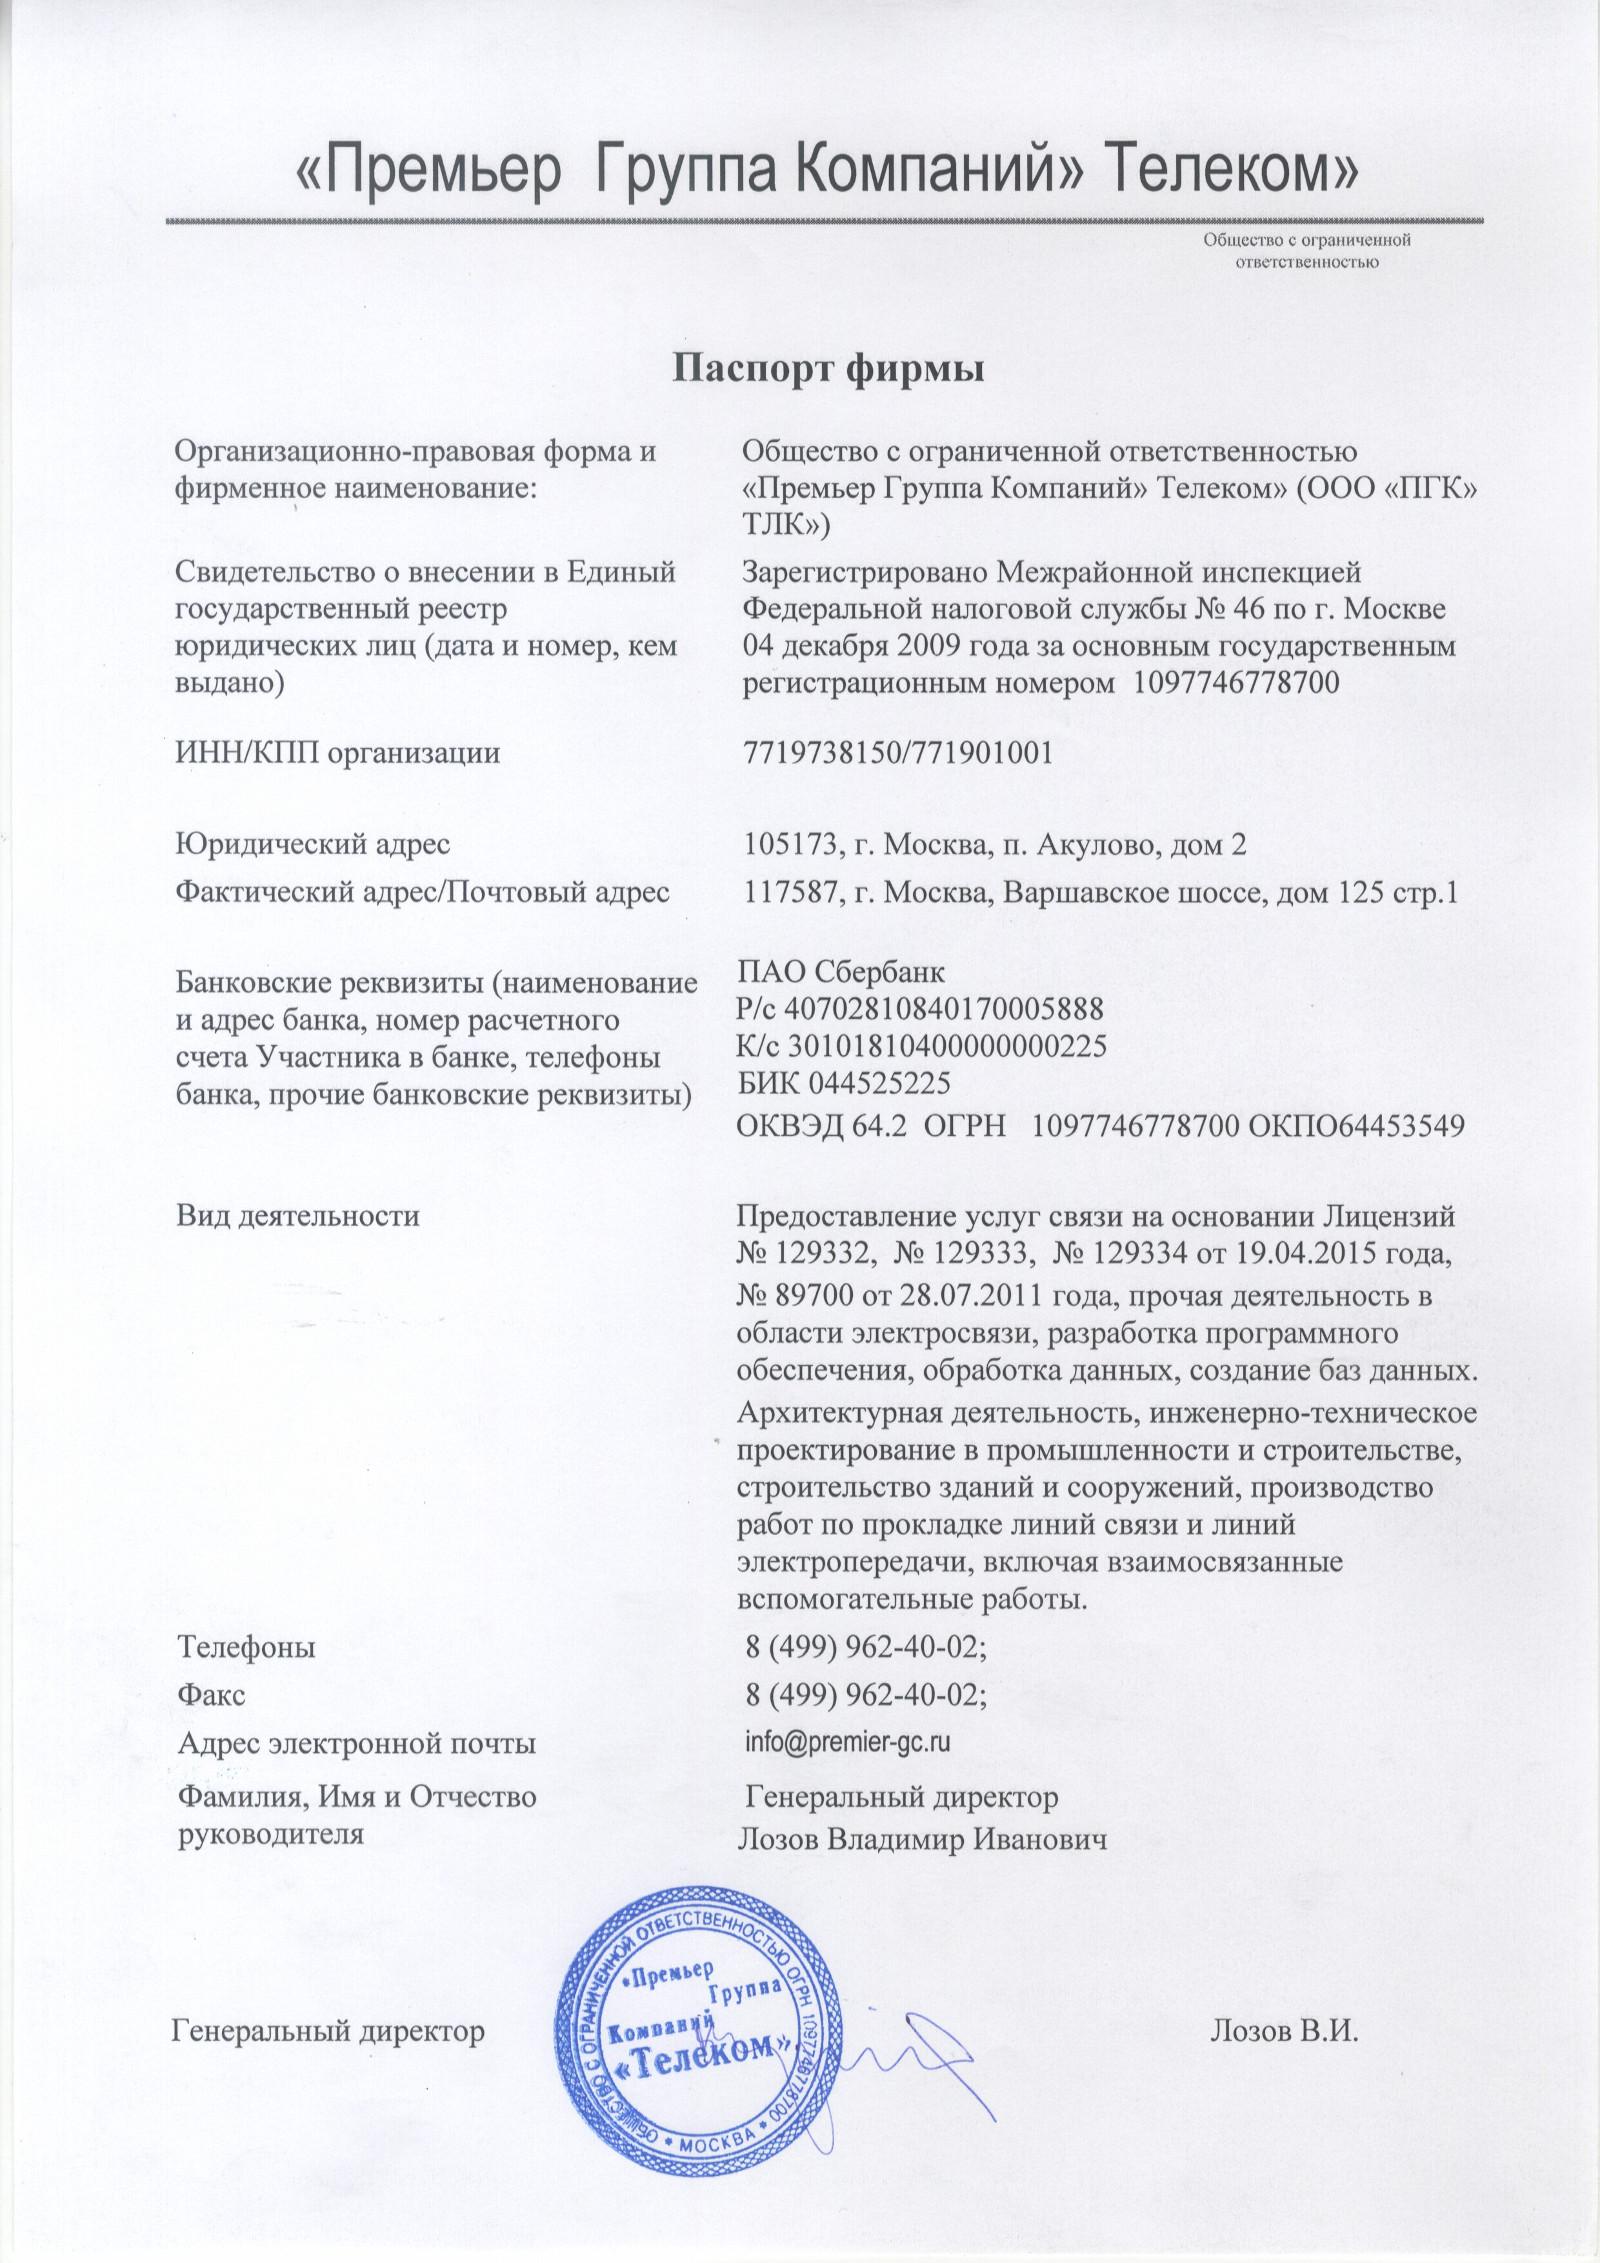 Пао сбербанк россии москва юридический адрес